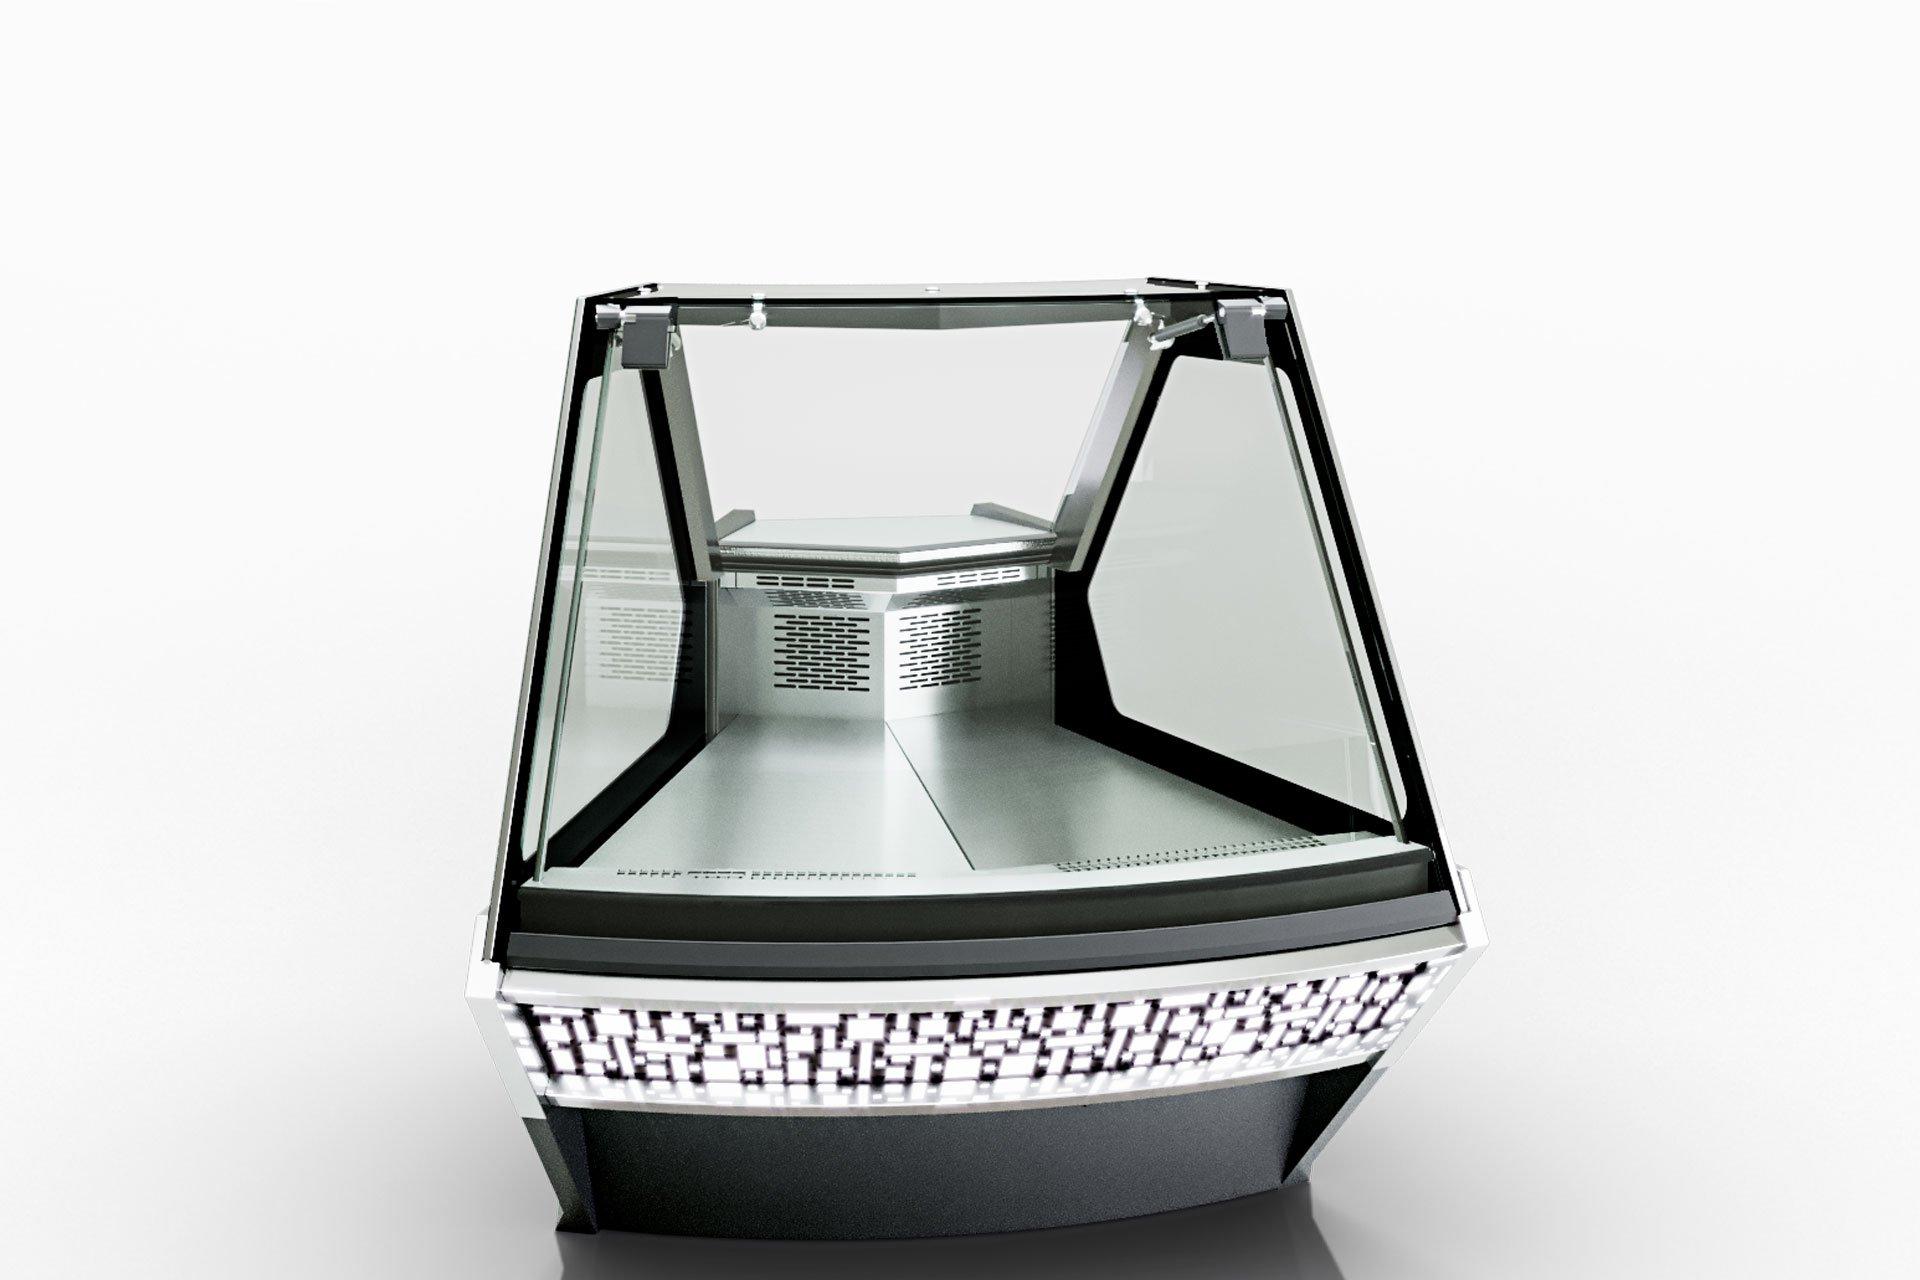 Kühlvitrinen Missouri sapphire MK 115 deli PS 125-DLM-ER45